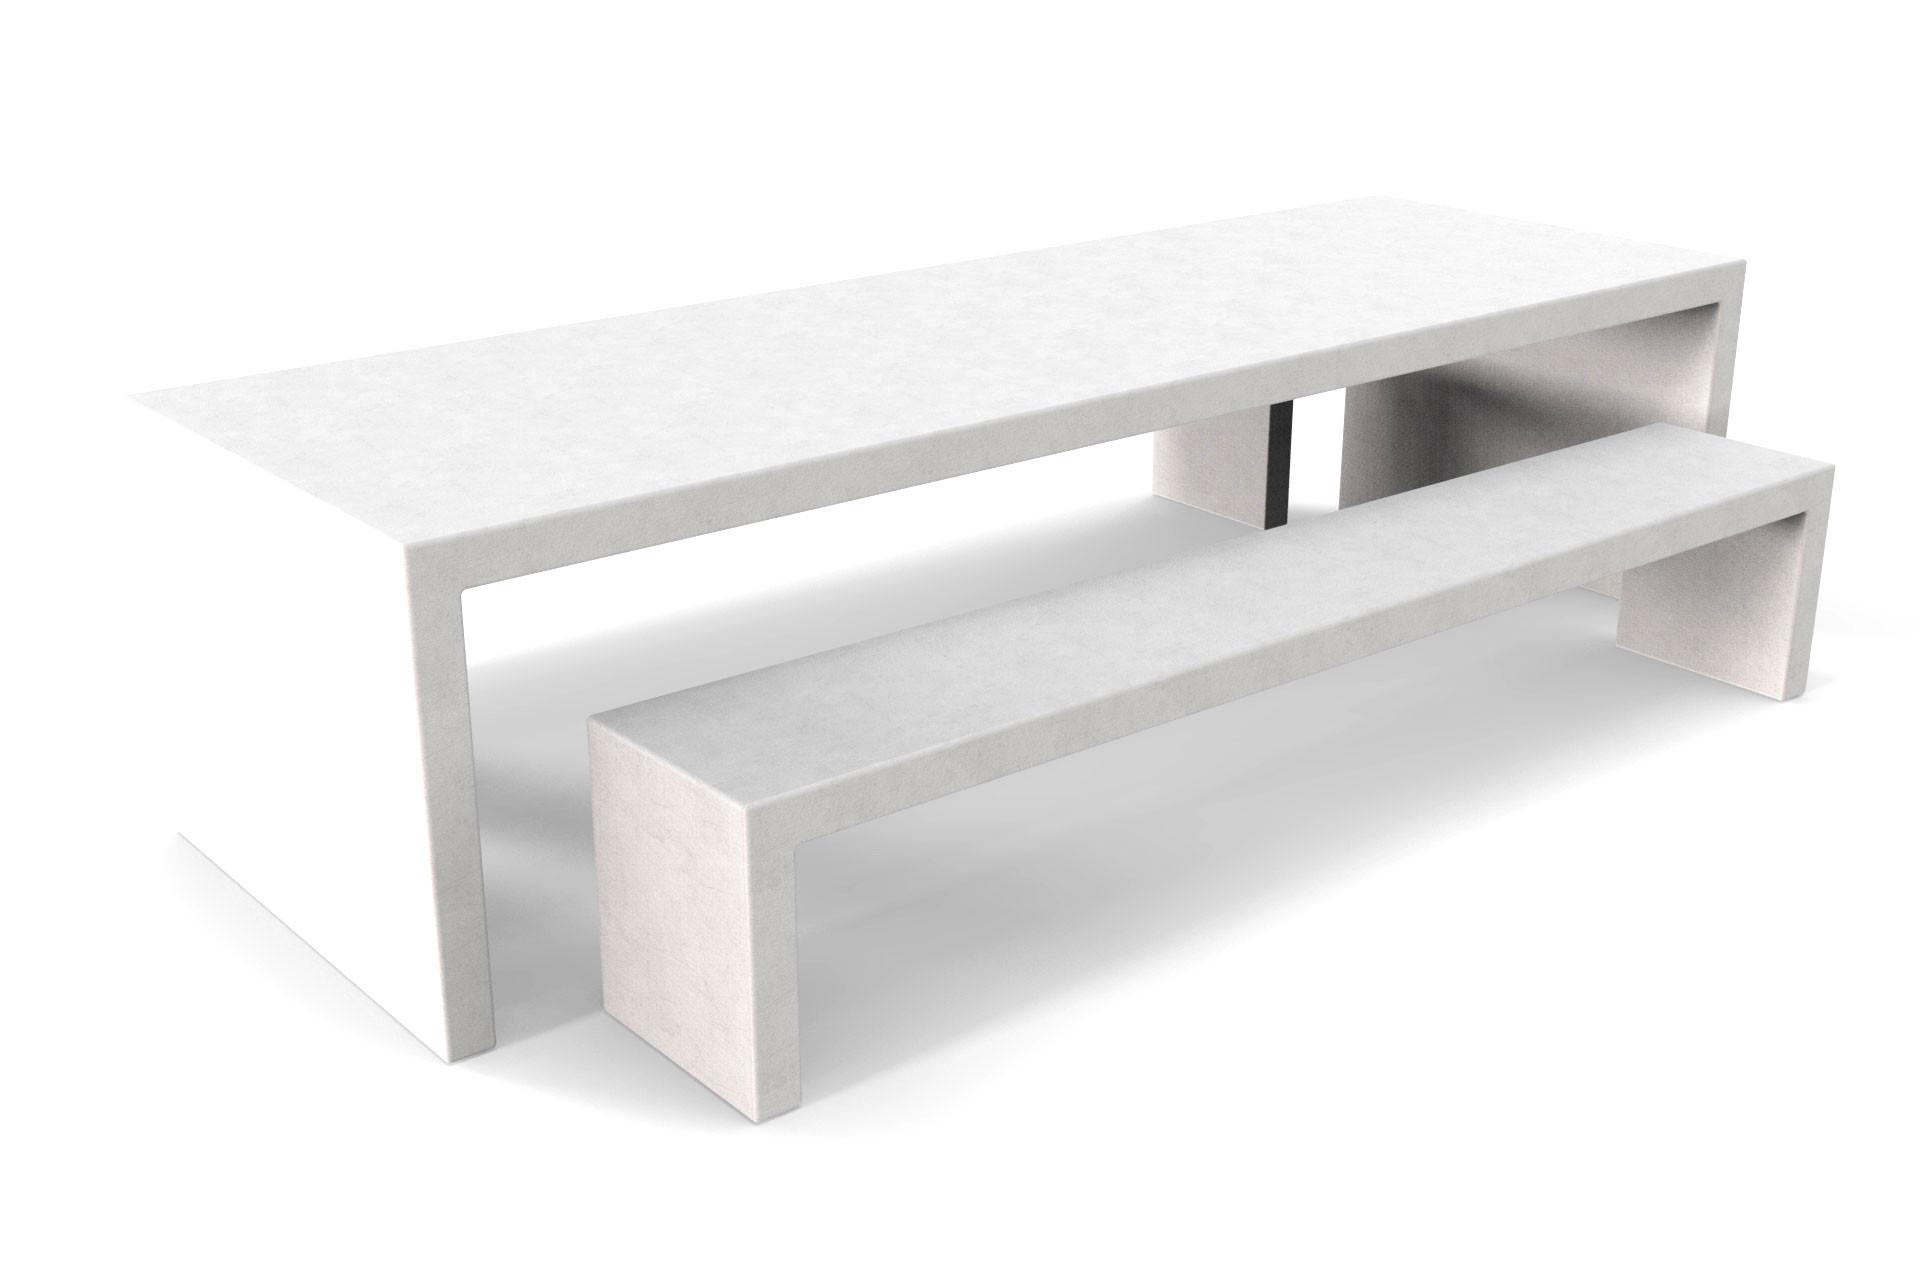 Witte Lars betonlook tuintafel met twee betonlook banken